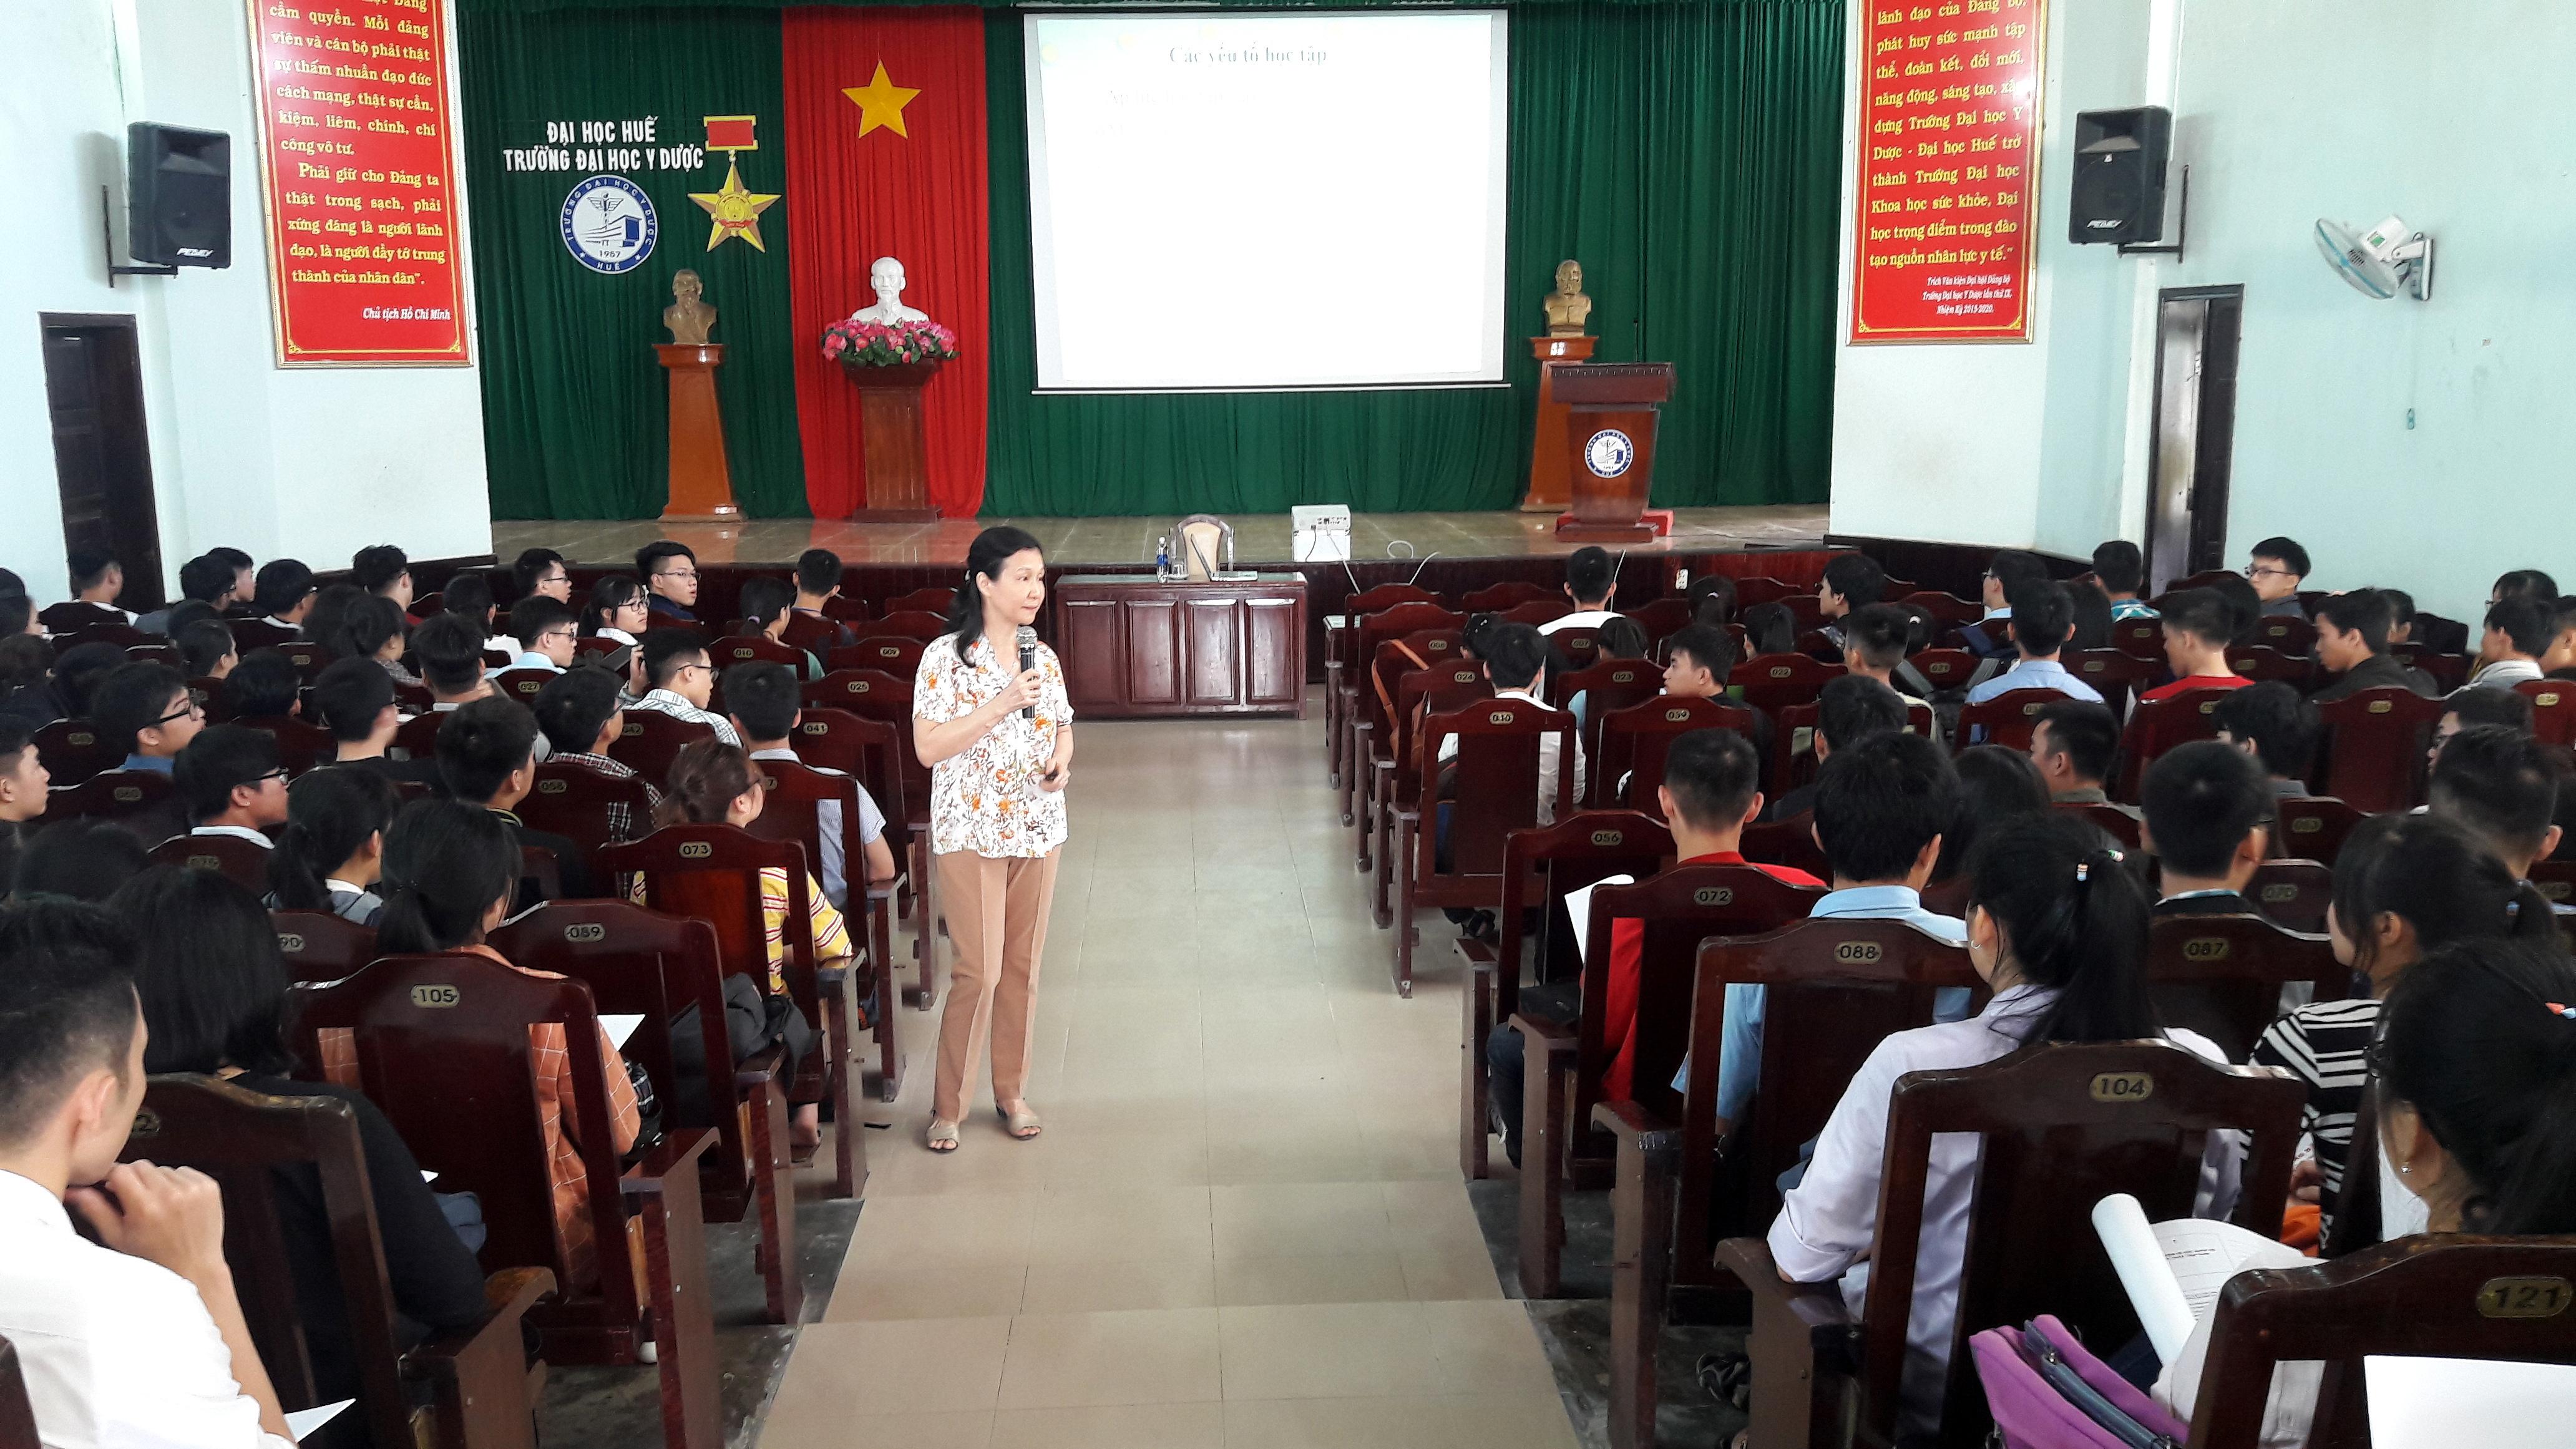 Tư vấn tâm lý, phương pháp học tập và sức khỏe tình dục - giới cho sinh viên năm thứ nhất năm học 2017-2018